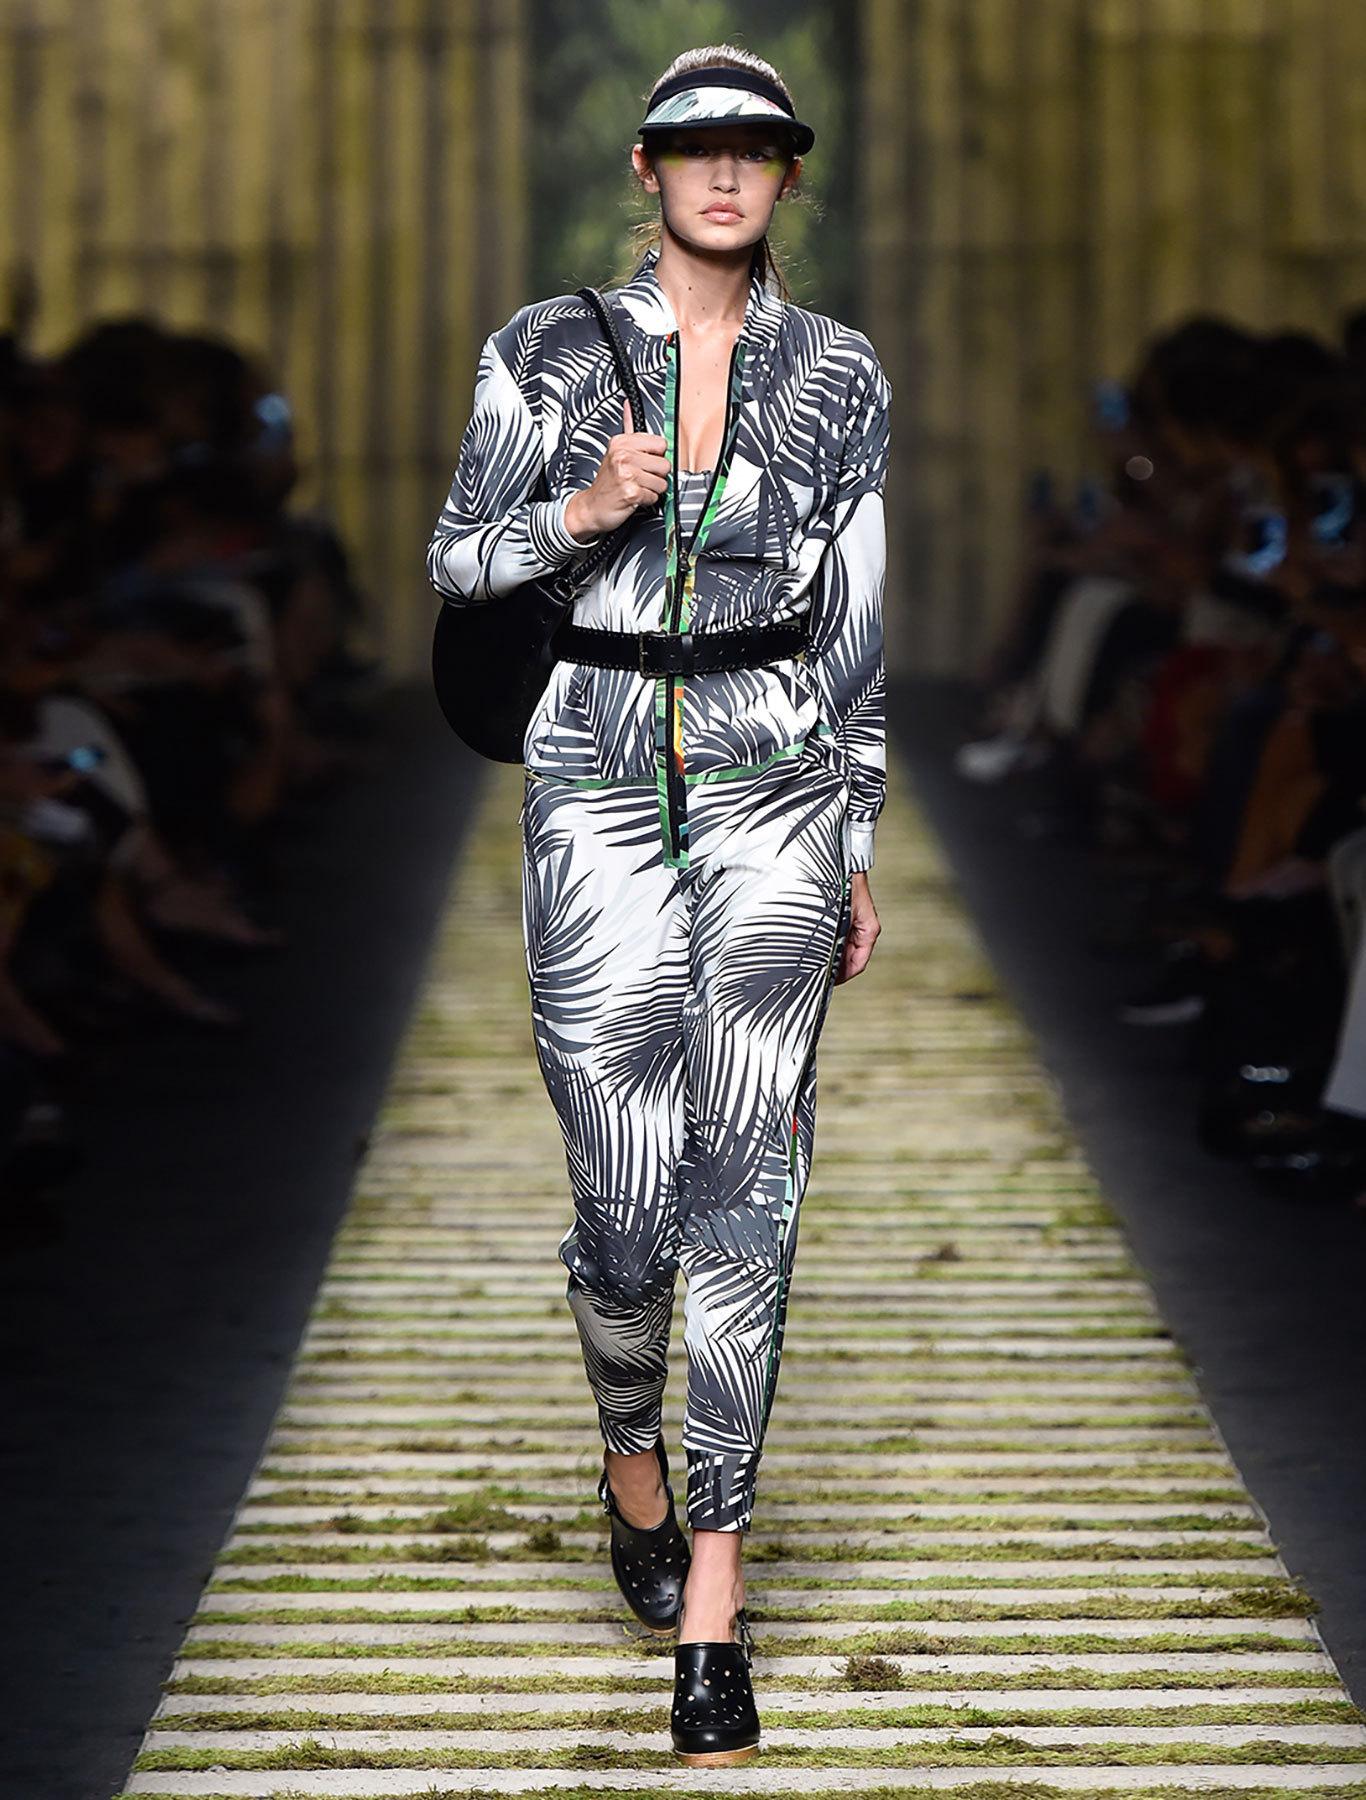 Tendenze moda estate 2017, jumpsuit, foto e prezzi